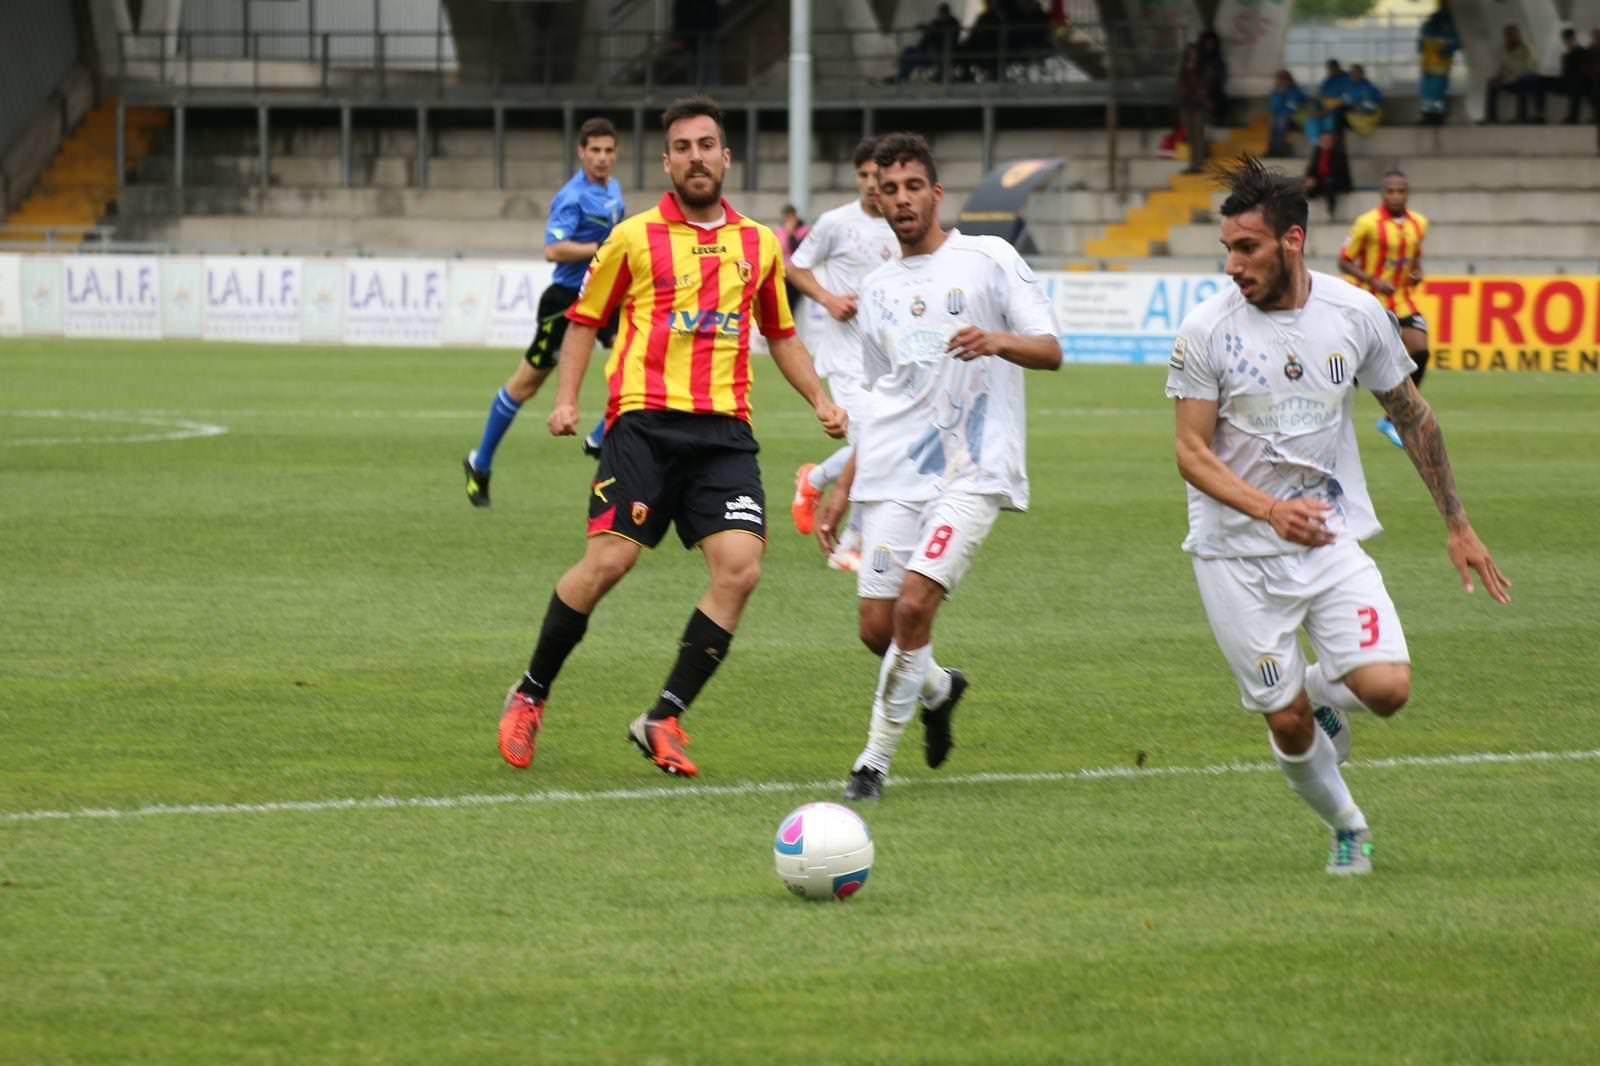 La sintesi di Benevento-Viareggio (video)